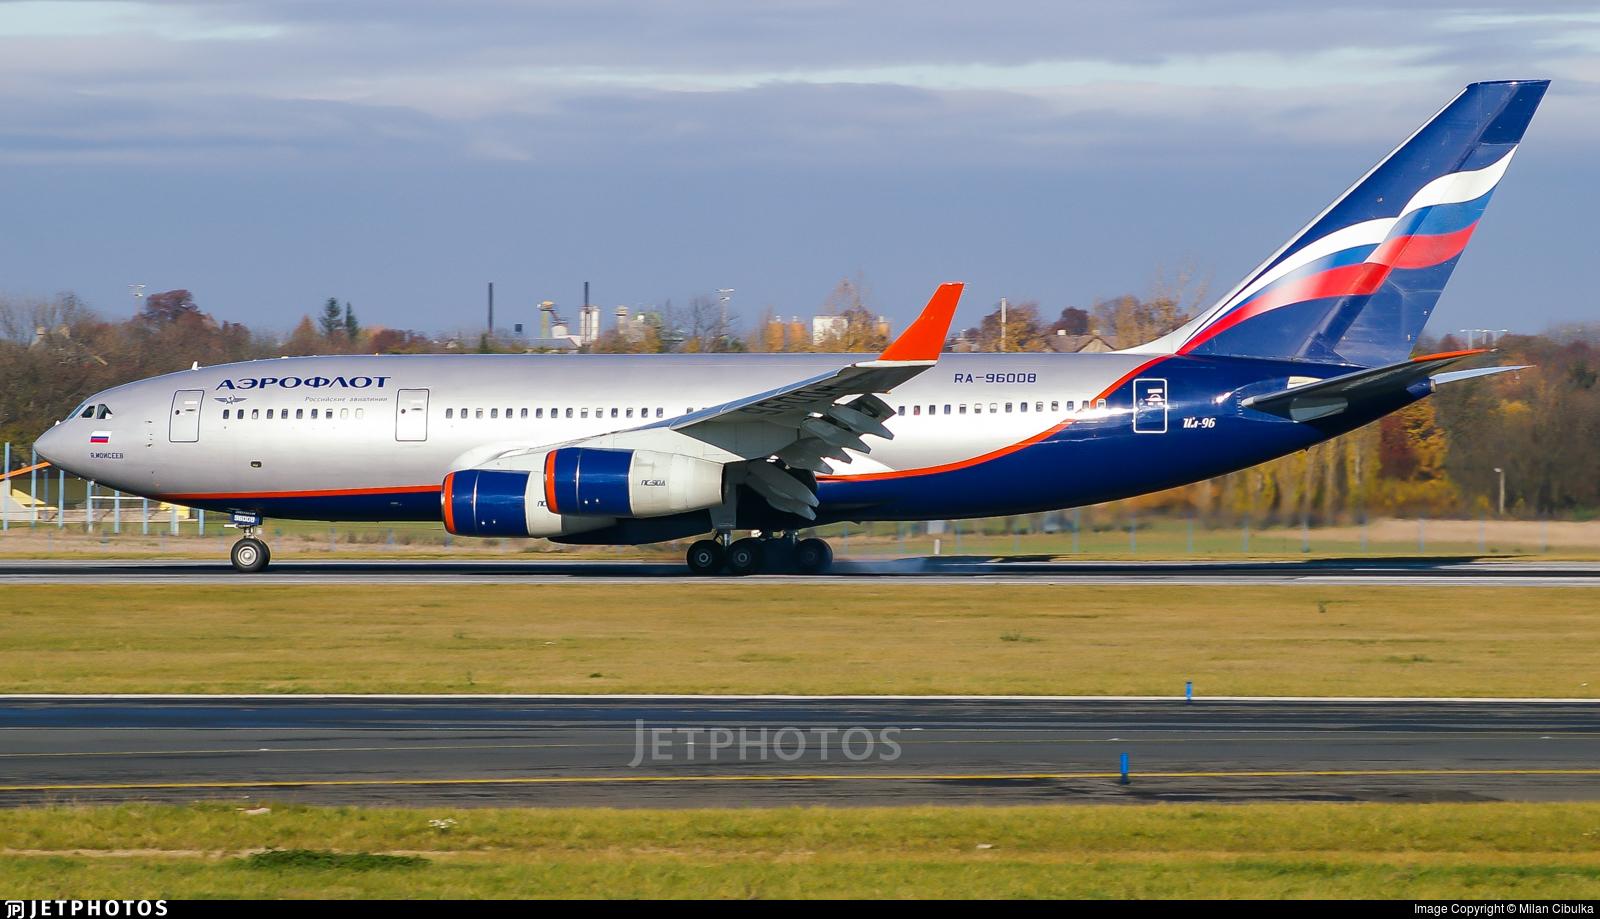 RA-96008 - Ilyushin IL-96-300 - Aeroflot